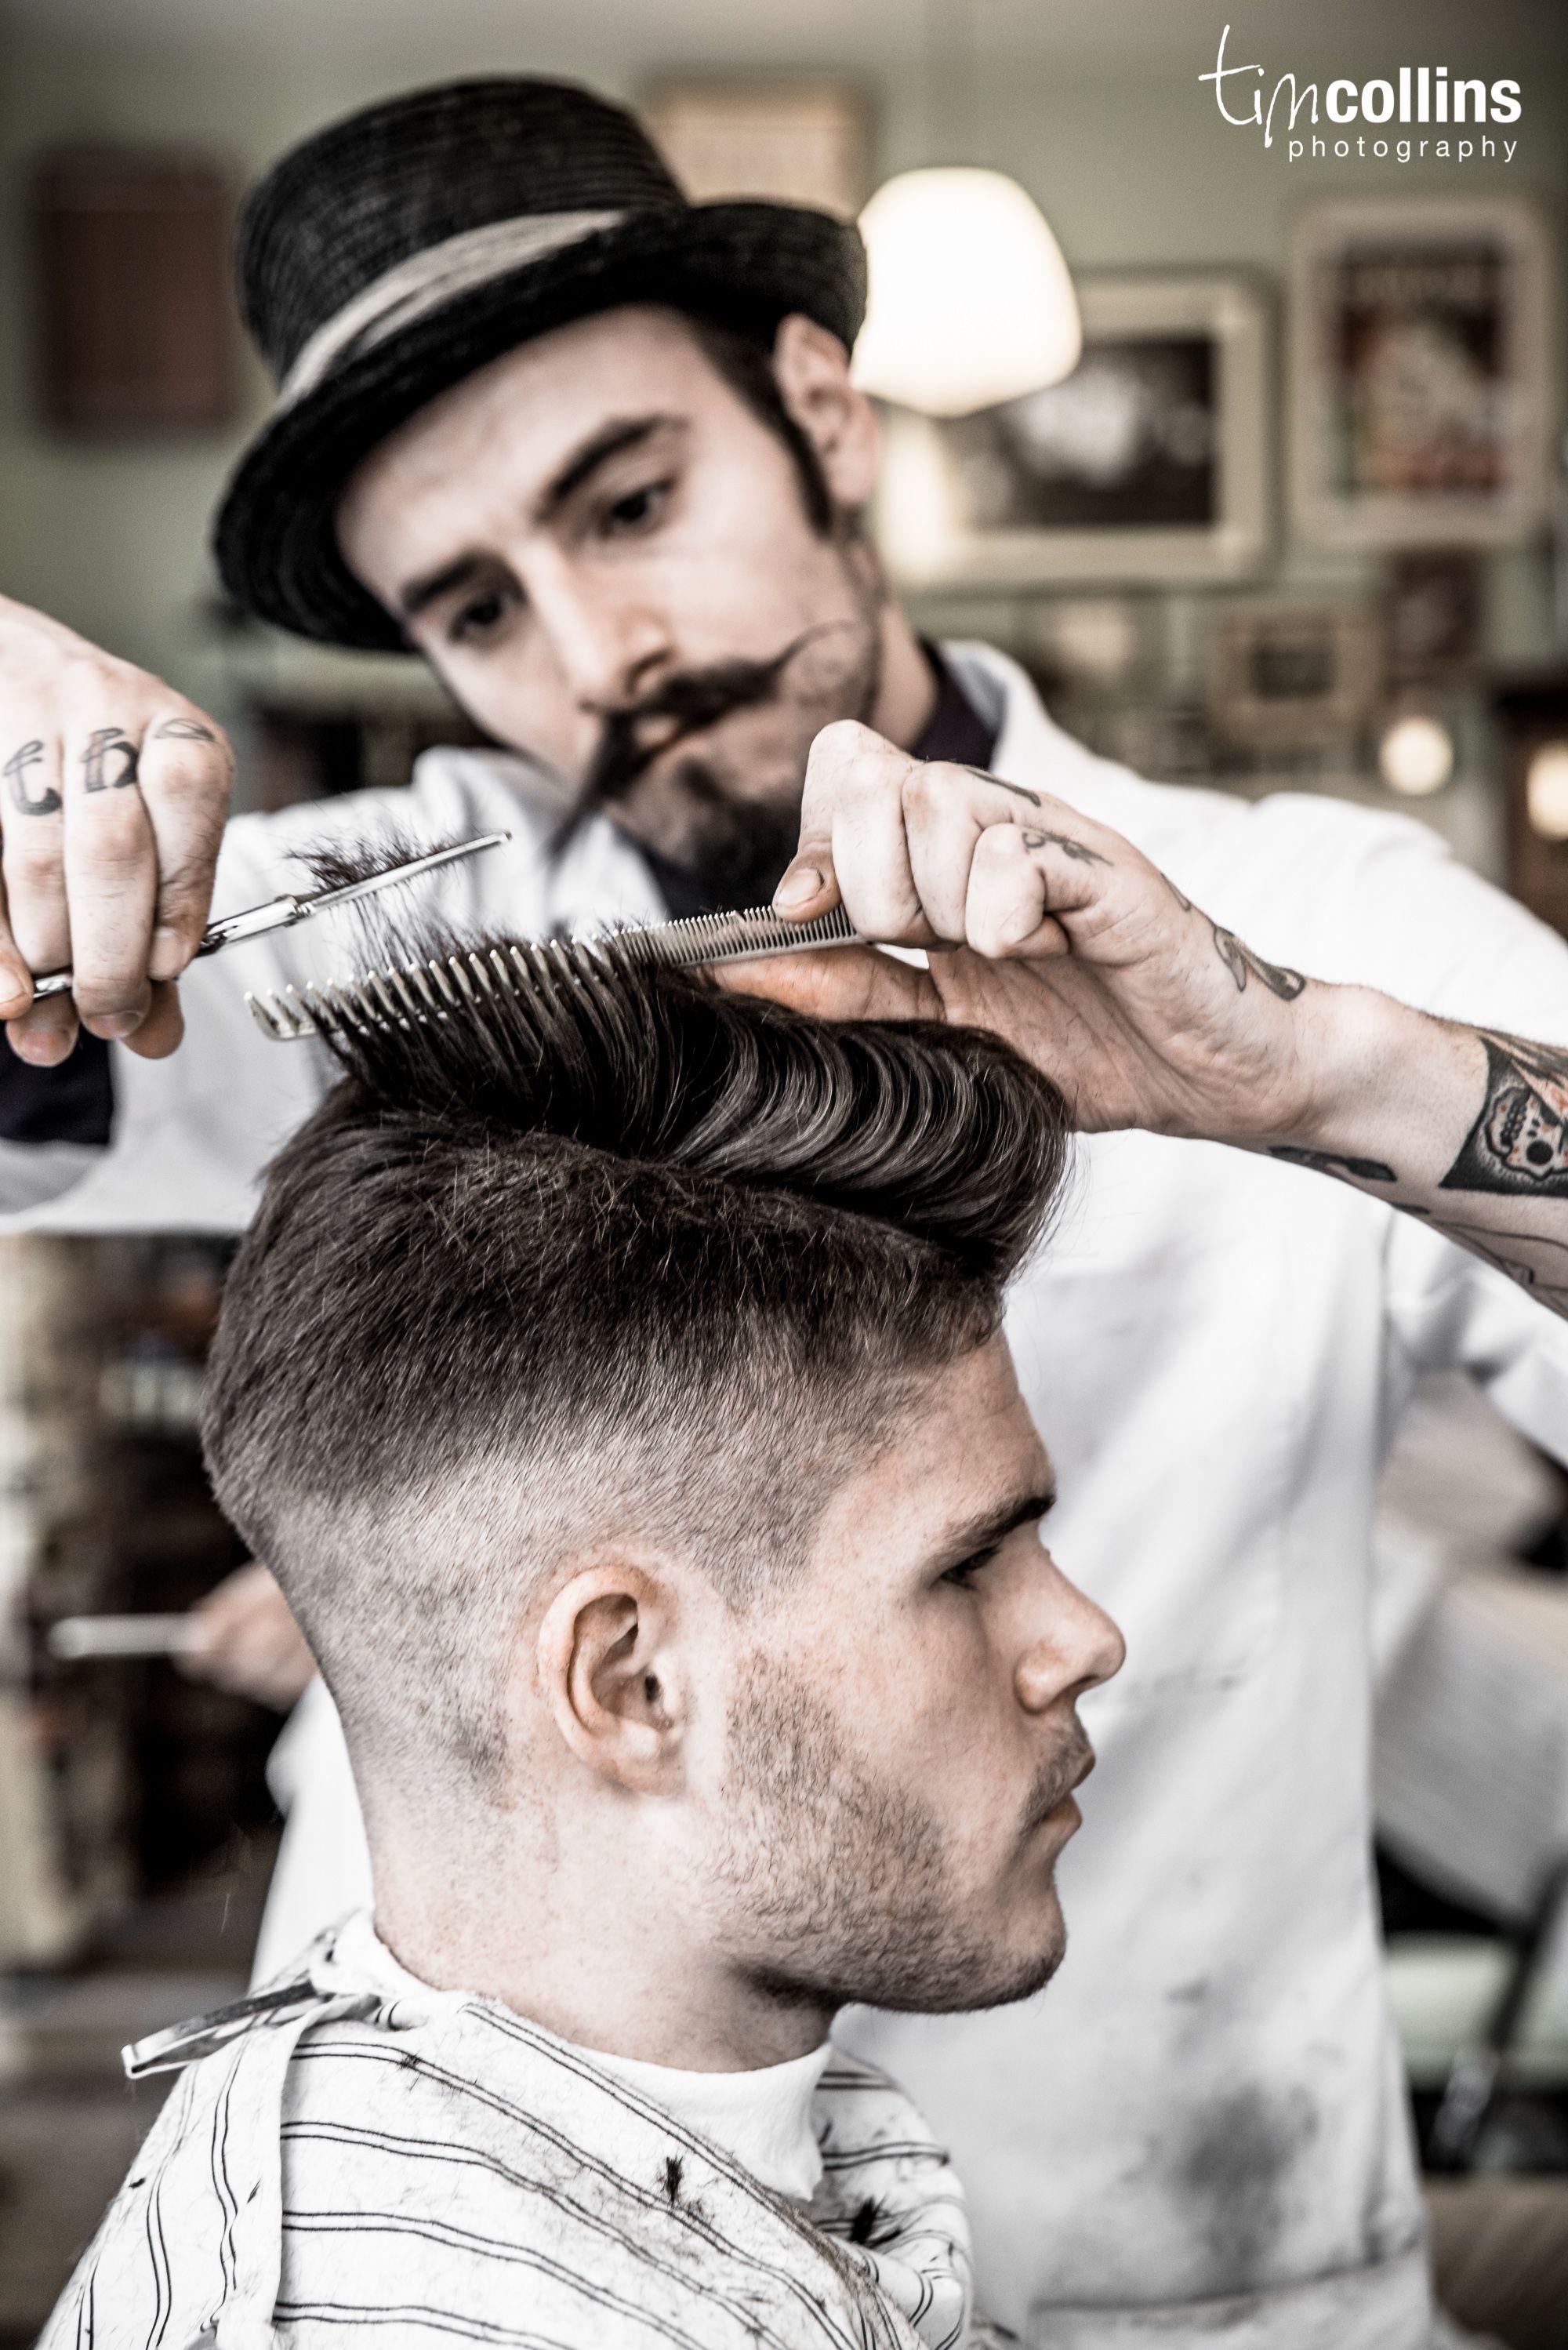 af60d6d9784b1 Schorem Barber Shop - Rotterdam by Tim Collins Photography | burst ...